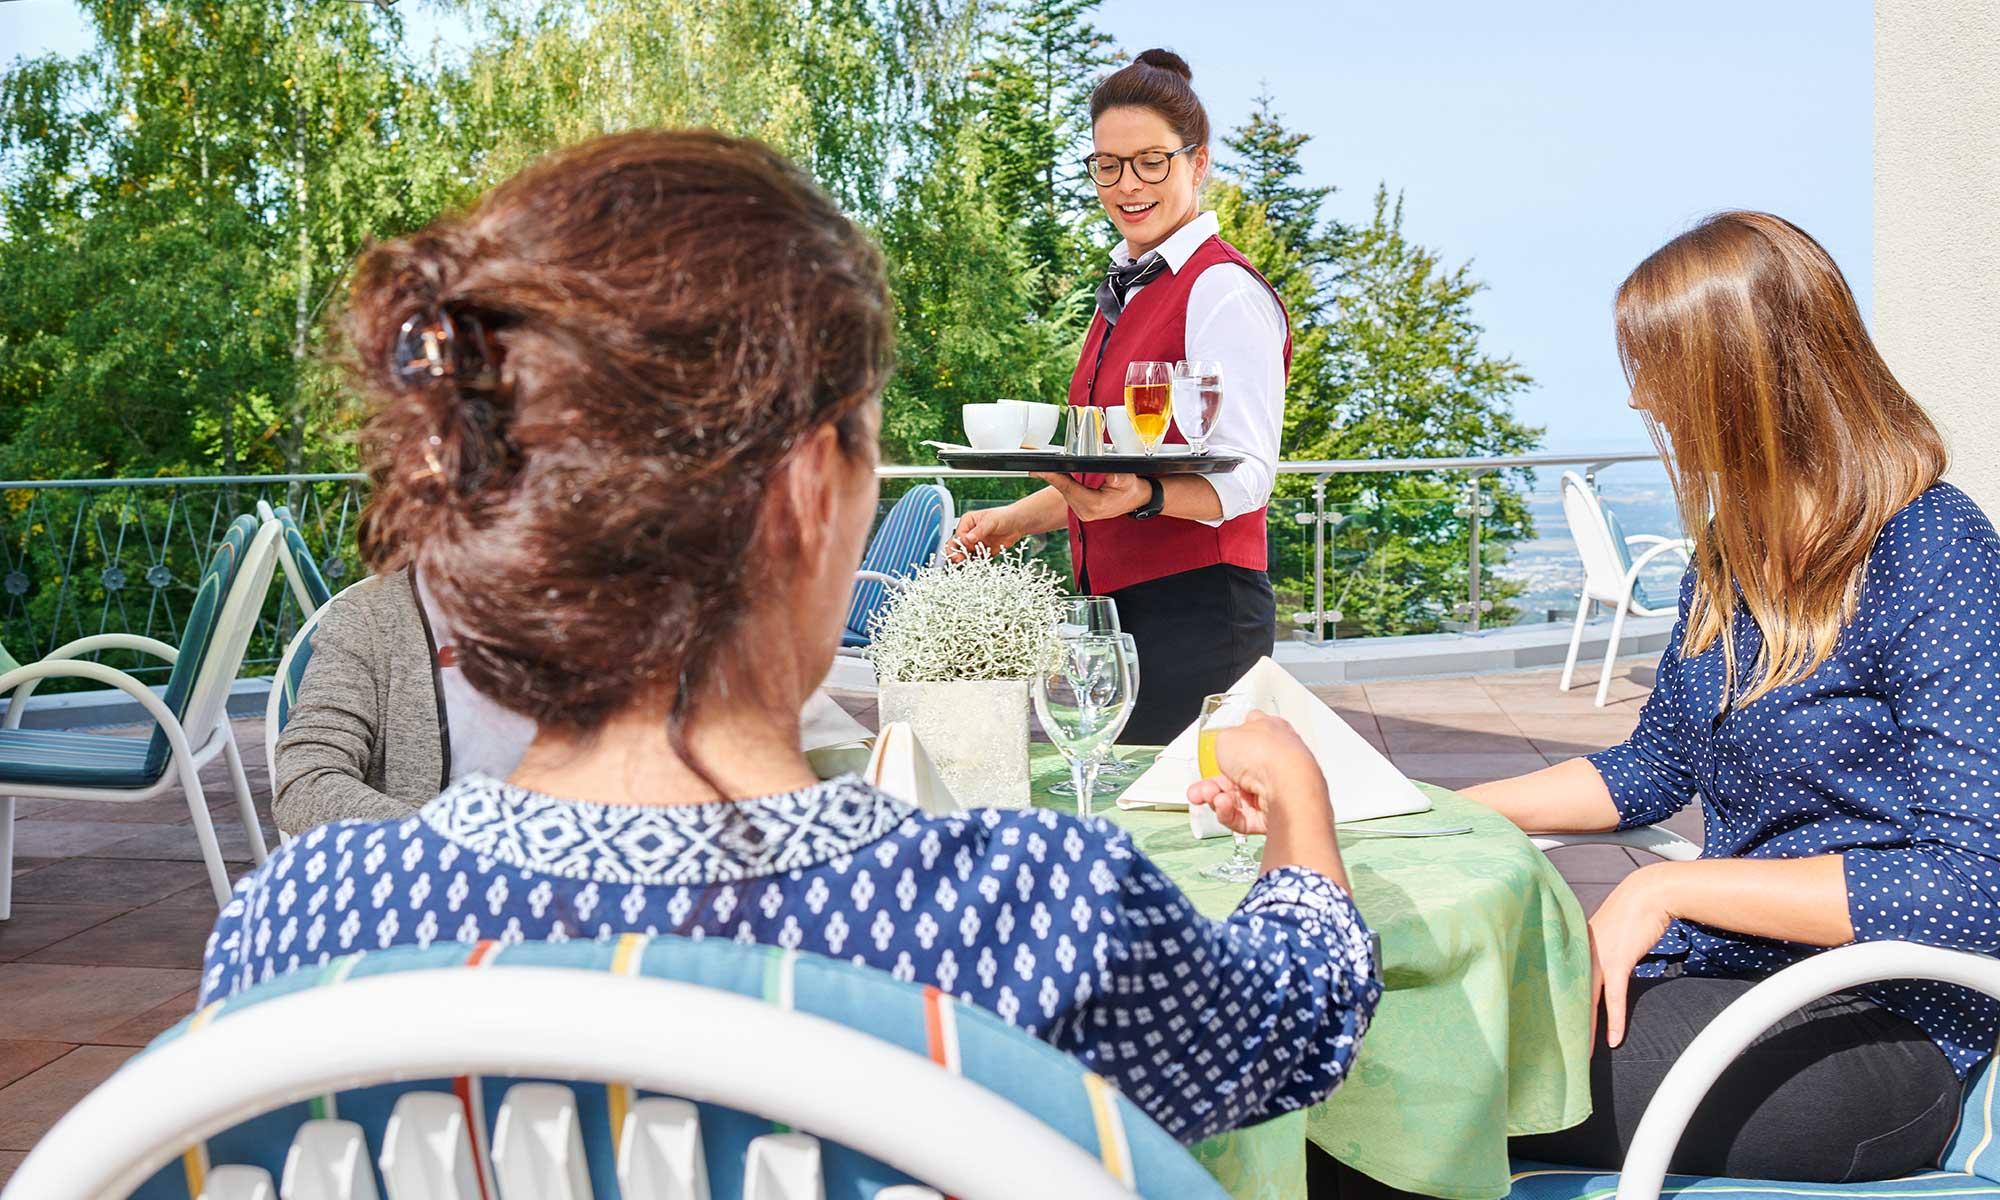 Auf der Terrasse mit schönem Ausblick genießen die Gäste ihre Auszeit